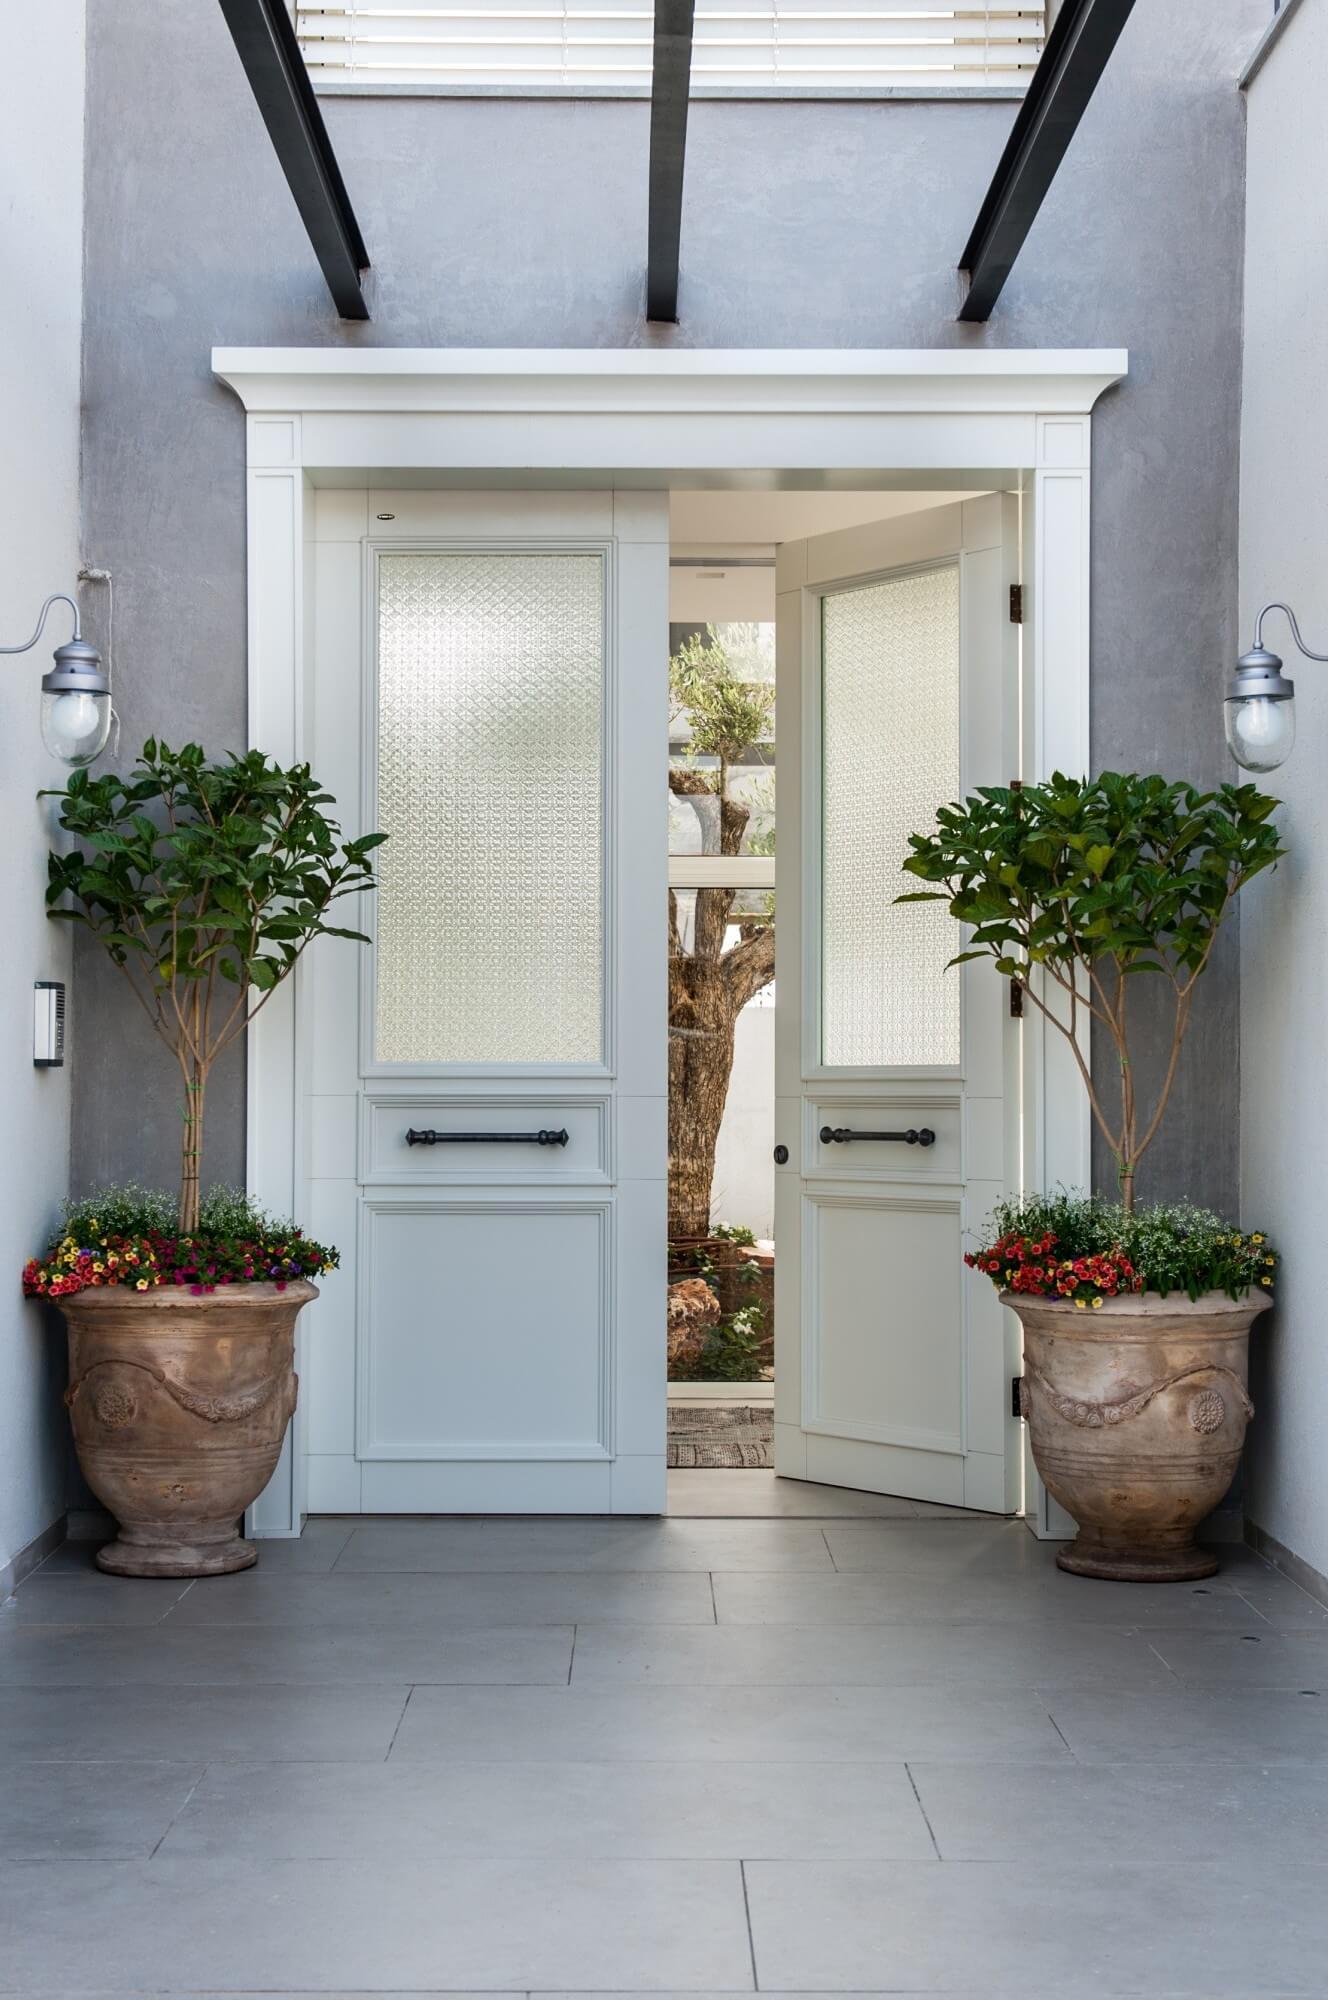 דלתות חוץ מעוצבות - איך בוחרים?